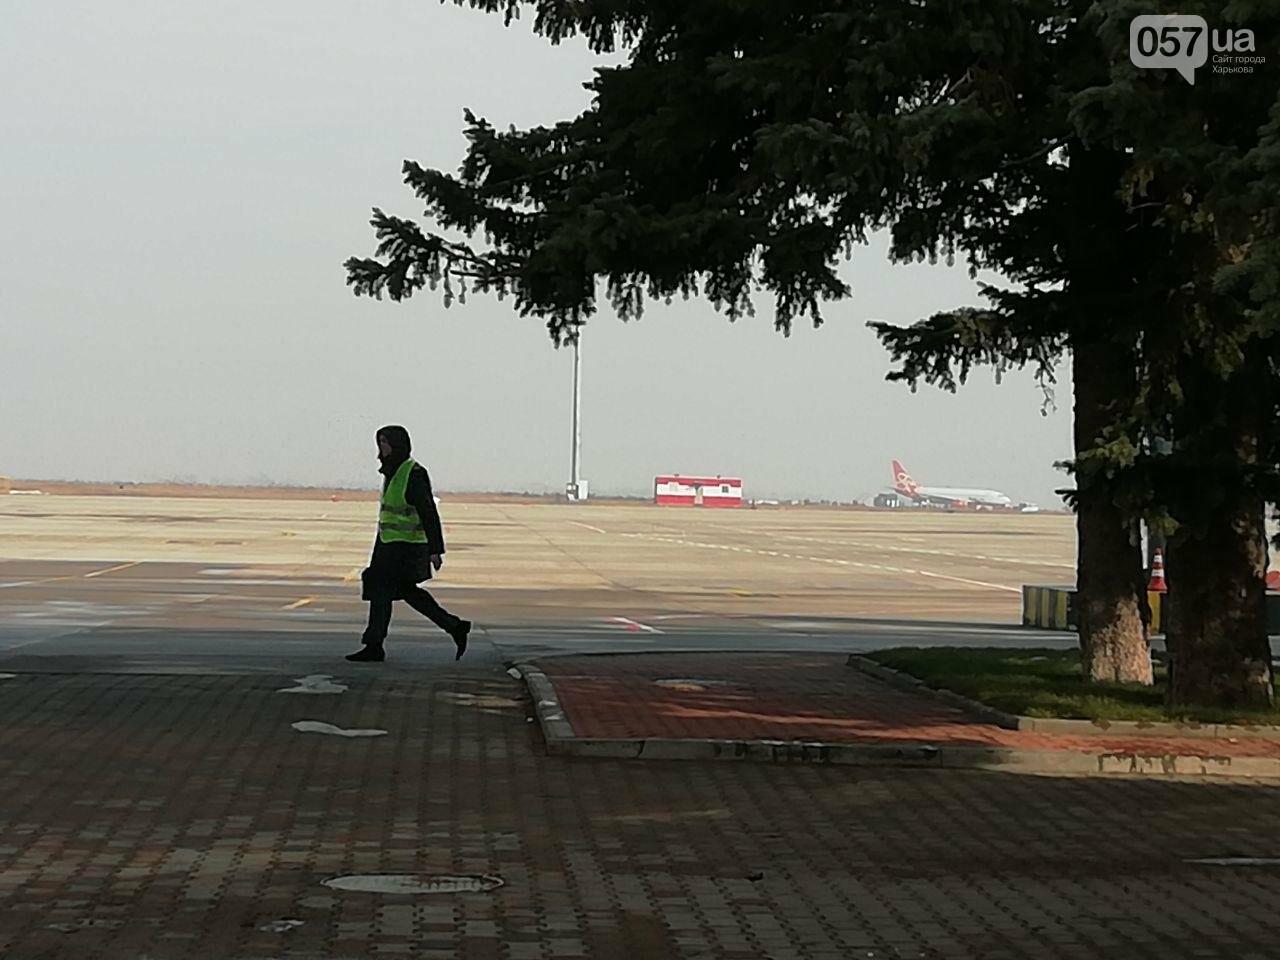 В харьковском аэропорту приземлился самолет с эвакуированными пассажирами из Китая, - ОНЛАЙН-ТРАНСЛЯЦИЯ, фото-12